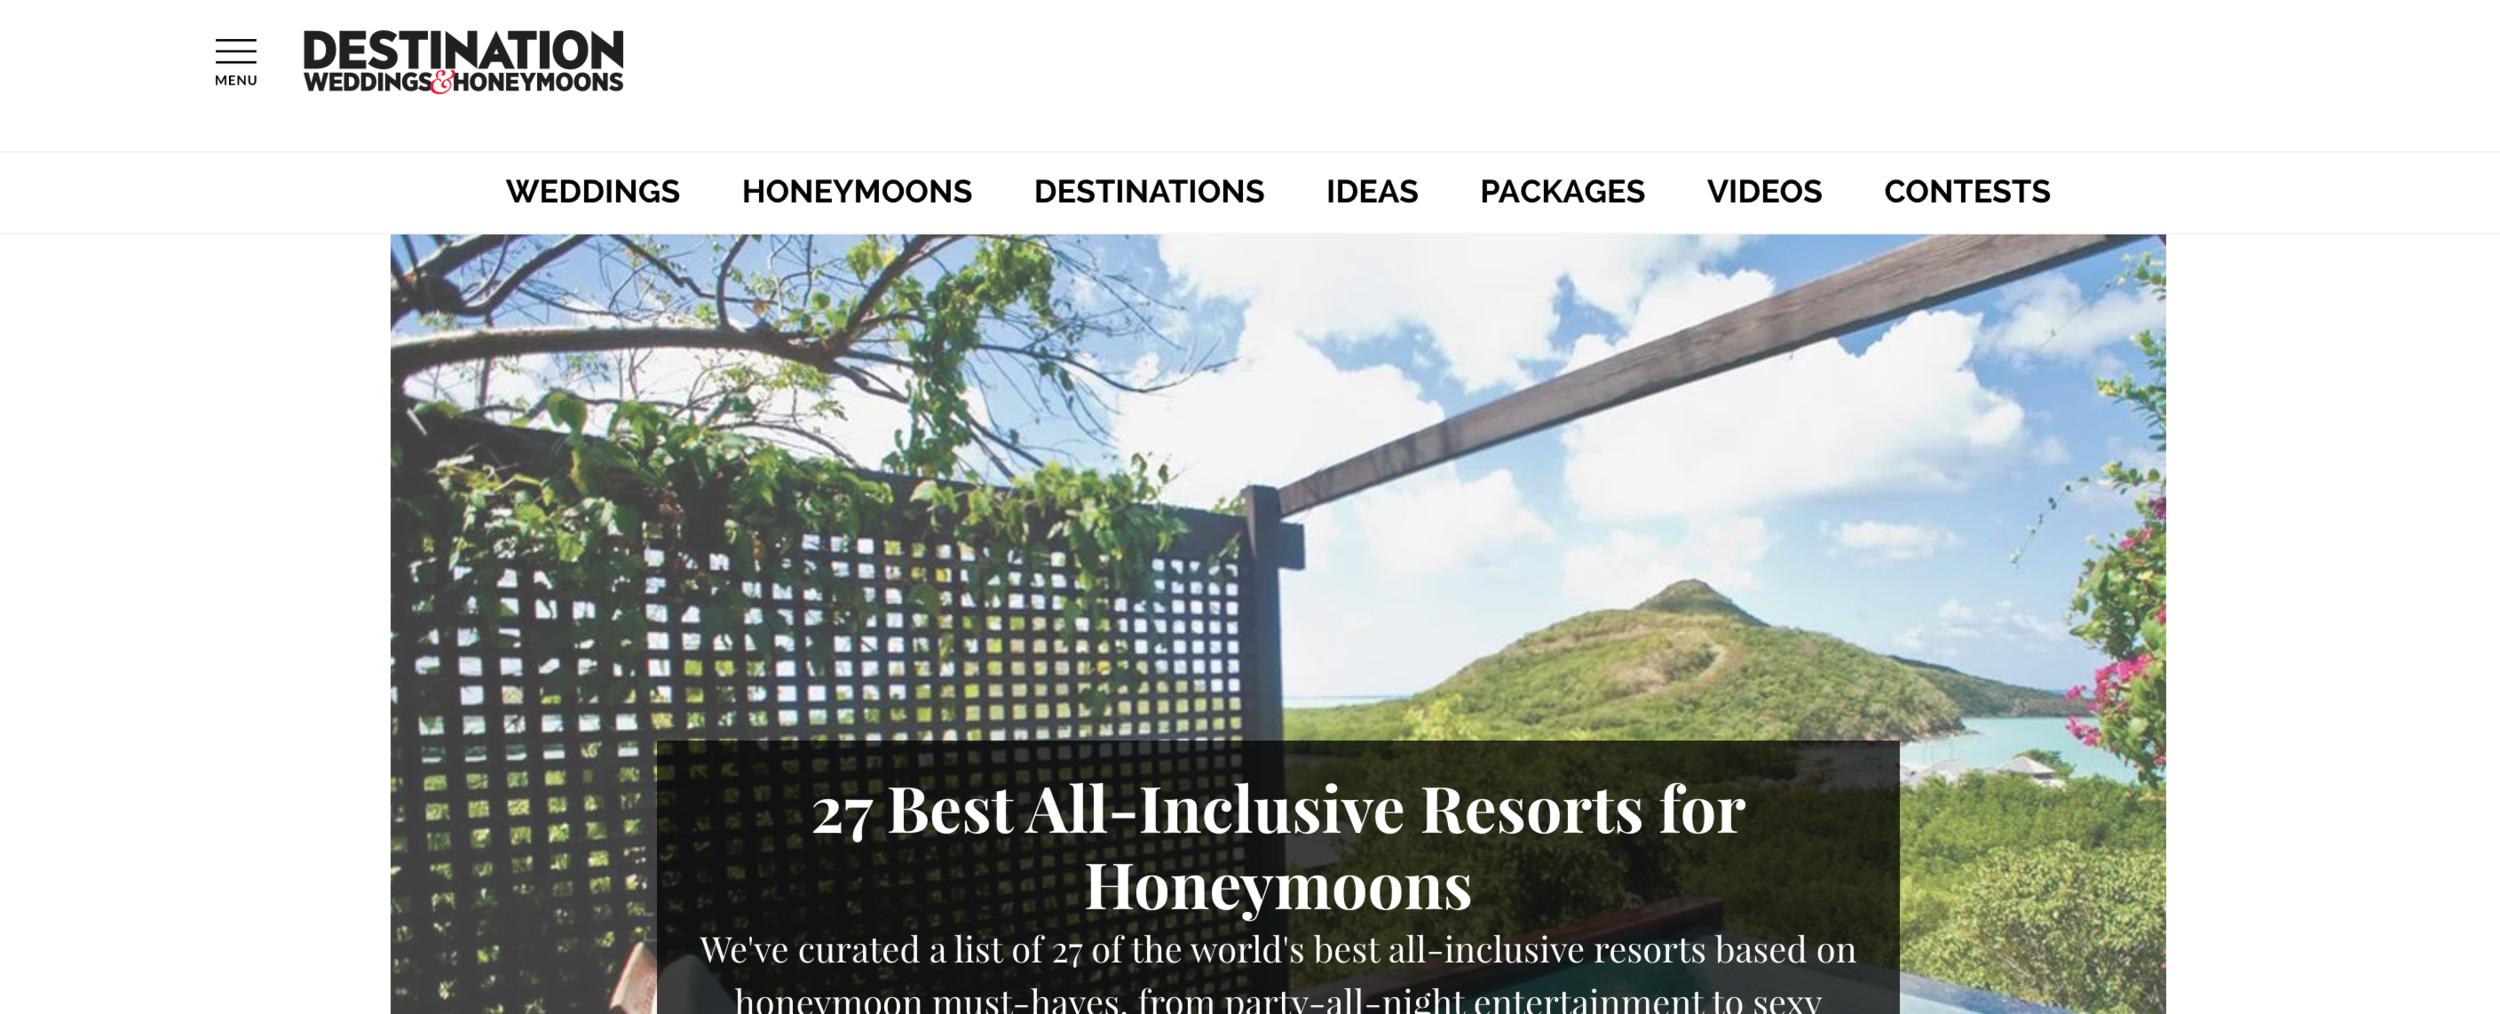 A screenshot of the Destination Weddings & Honeymoons blog website.